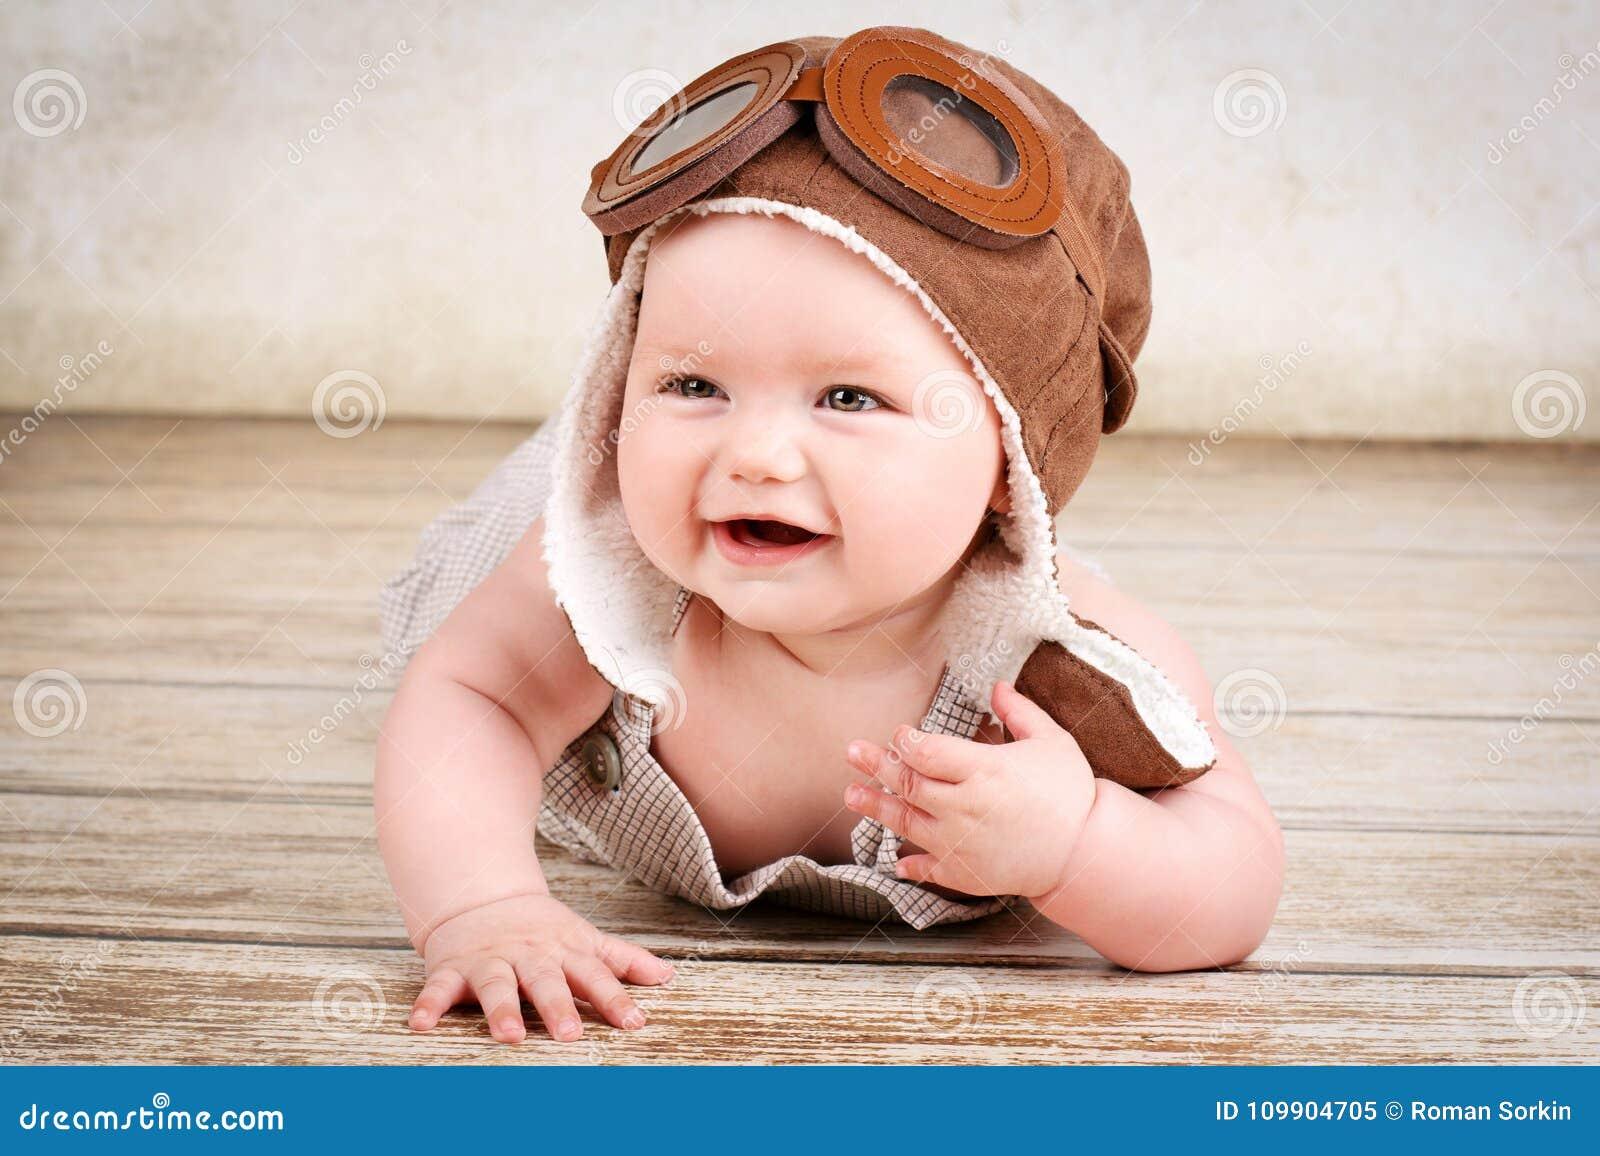 Lachend weinig baby